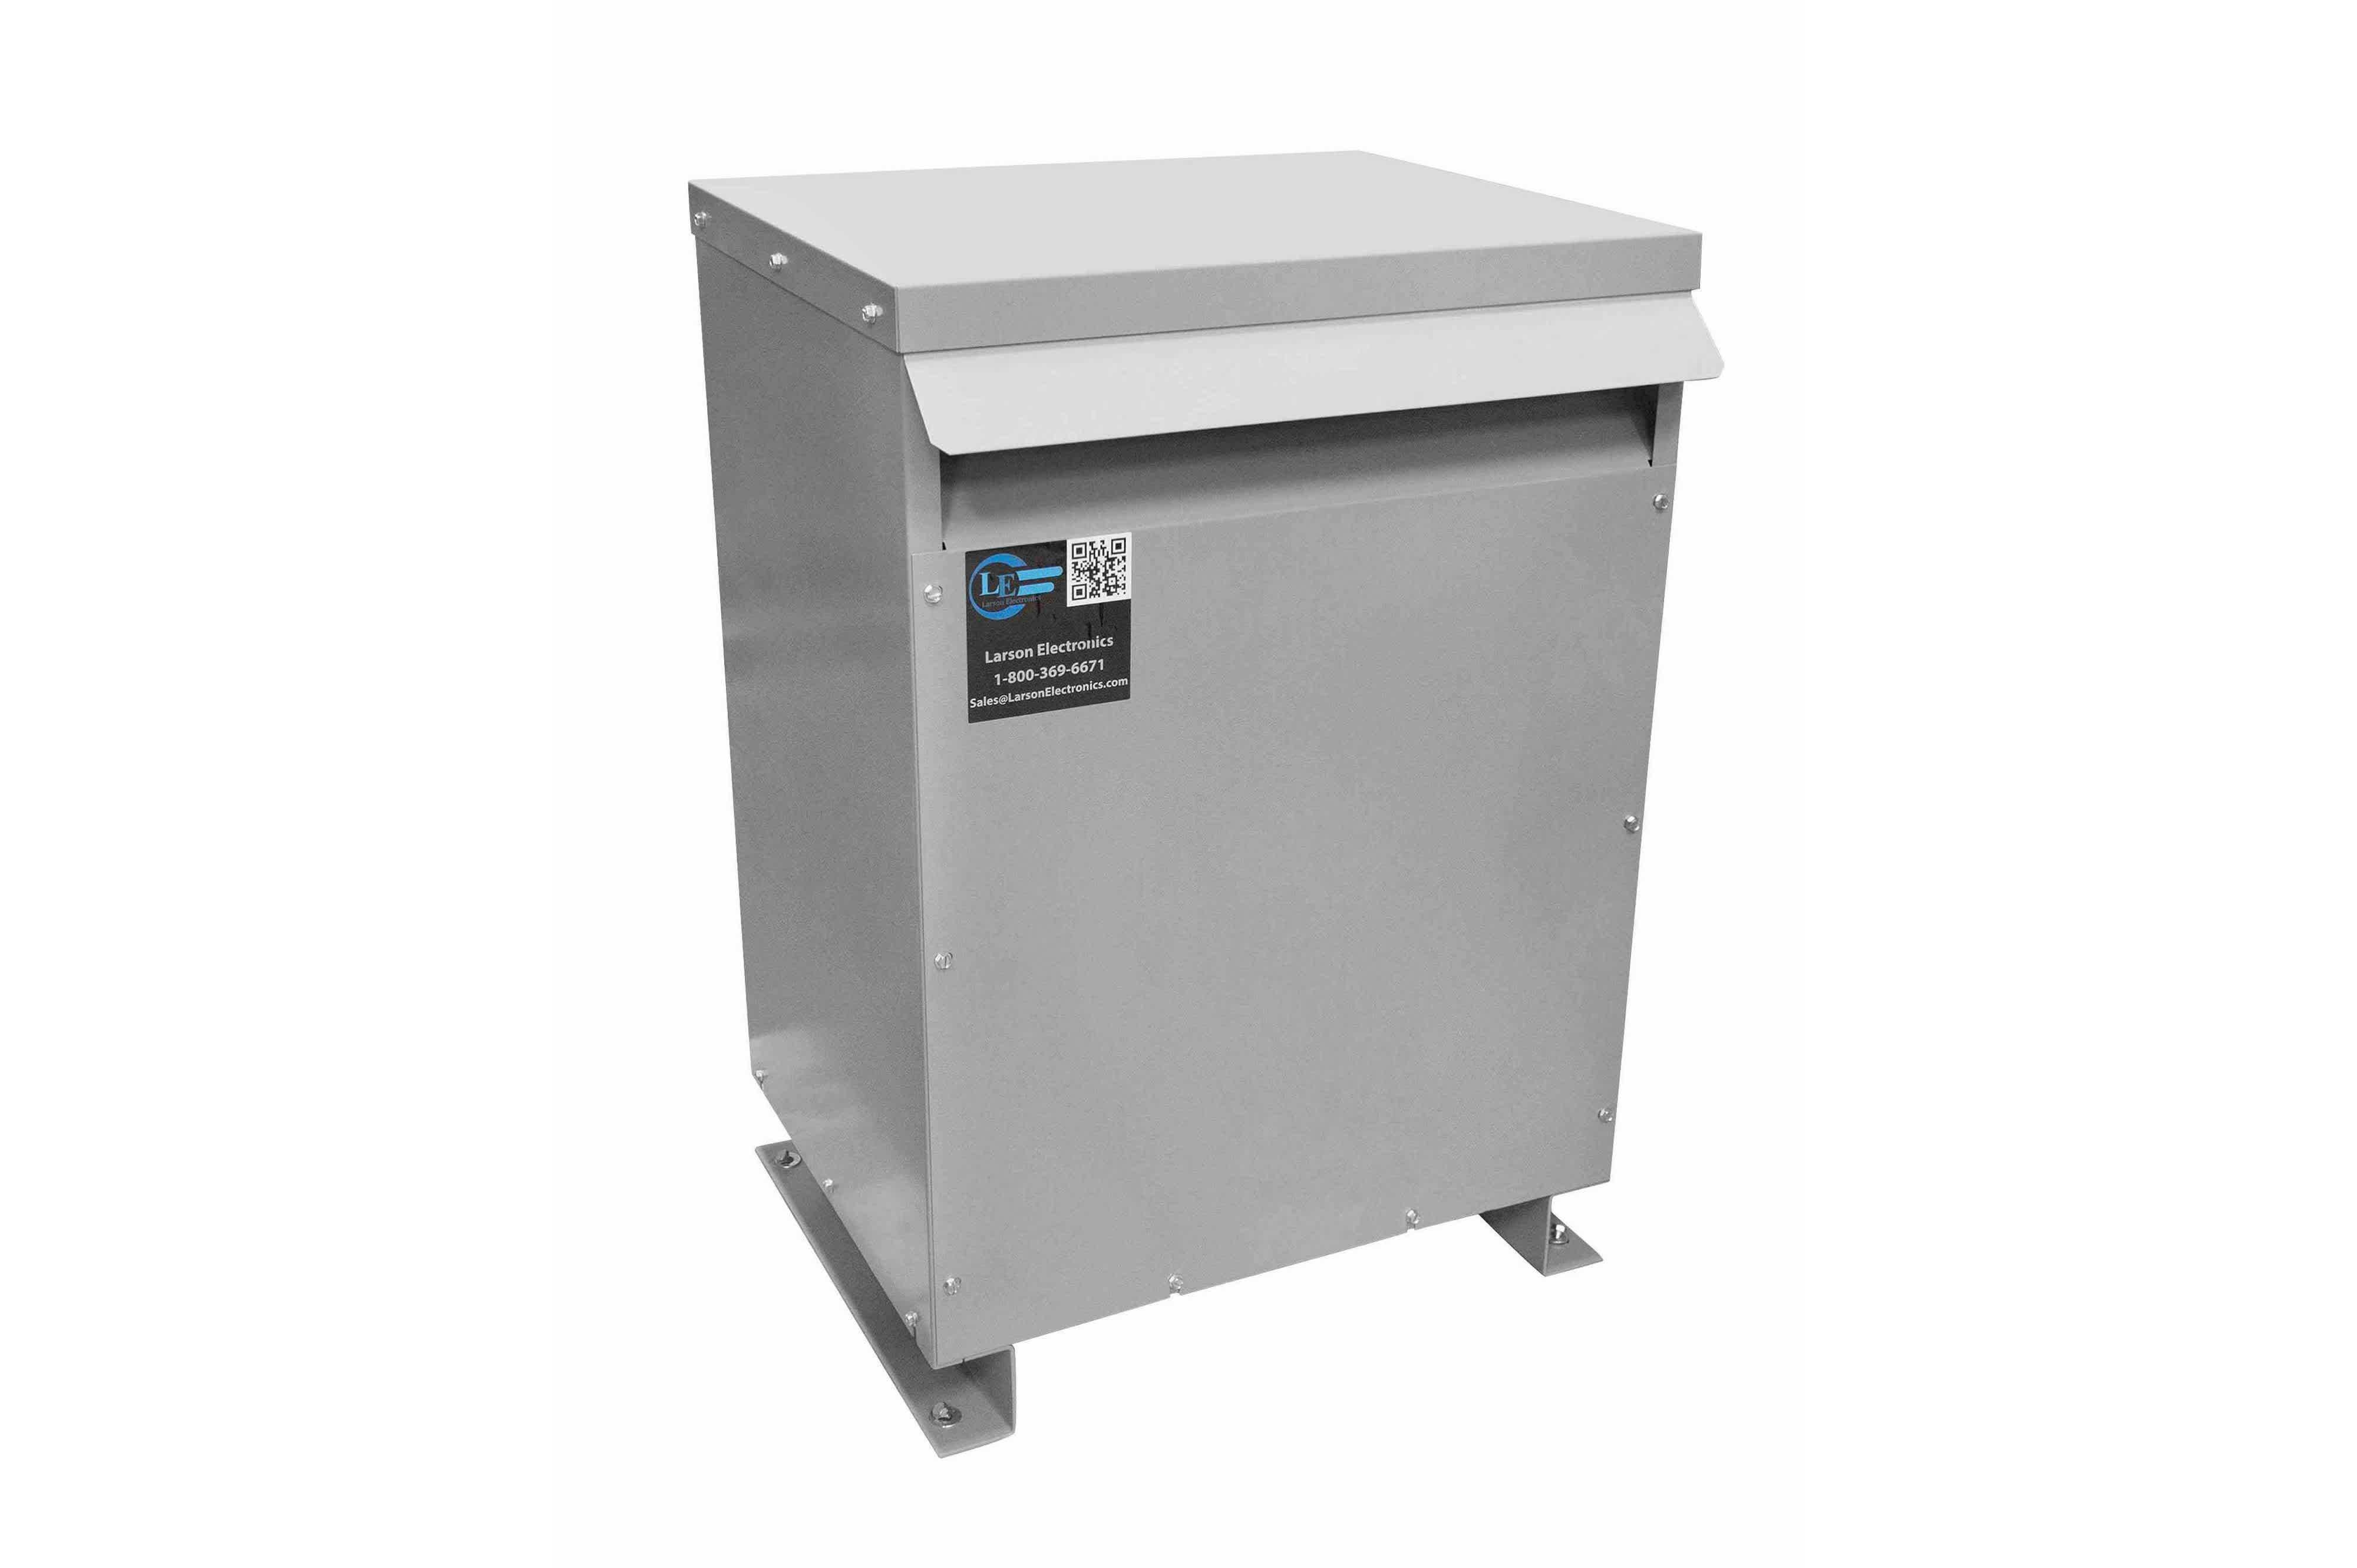 12 kVA 3PH Isolation Transformer, 380V Delta Primary, 480V Delta Secondary, N3R, Ventilated, 60 Hz